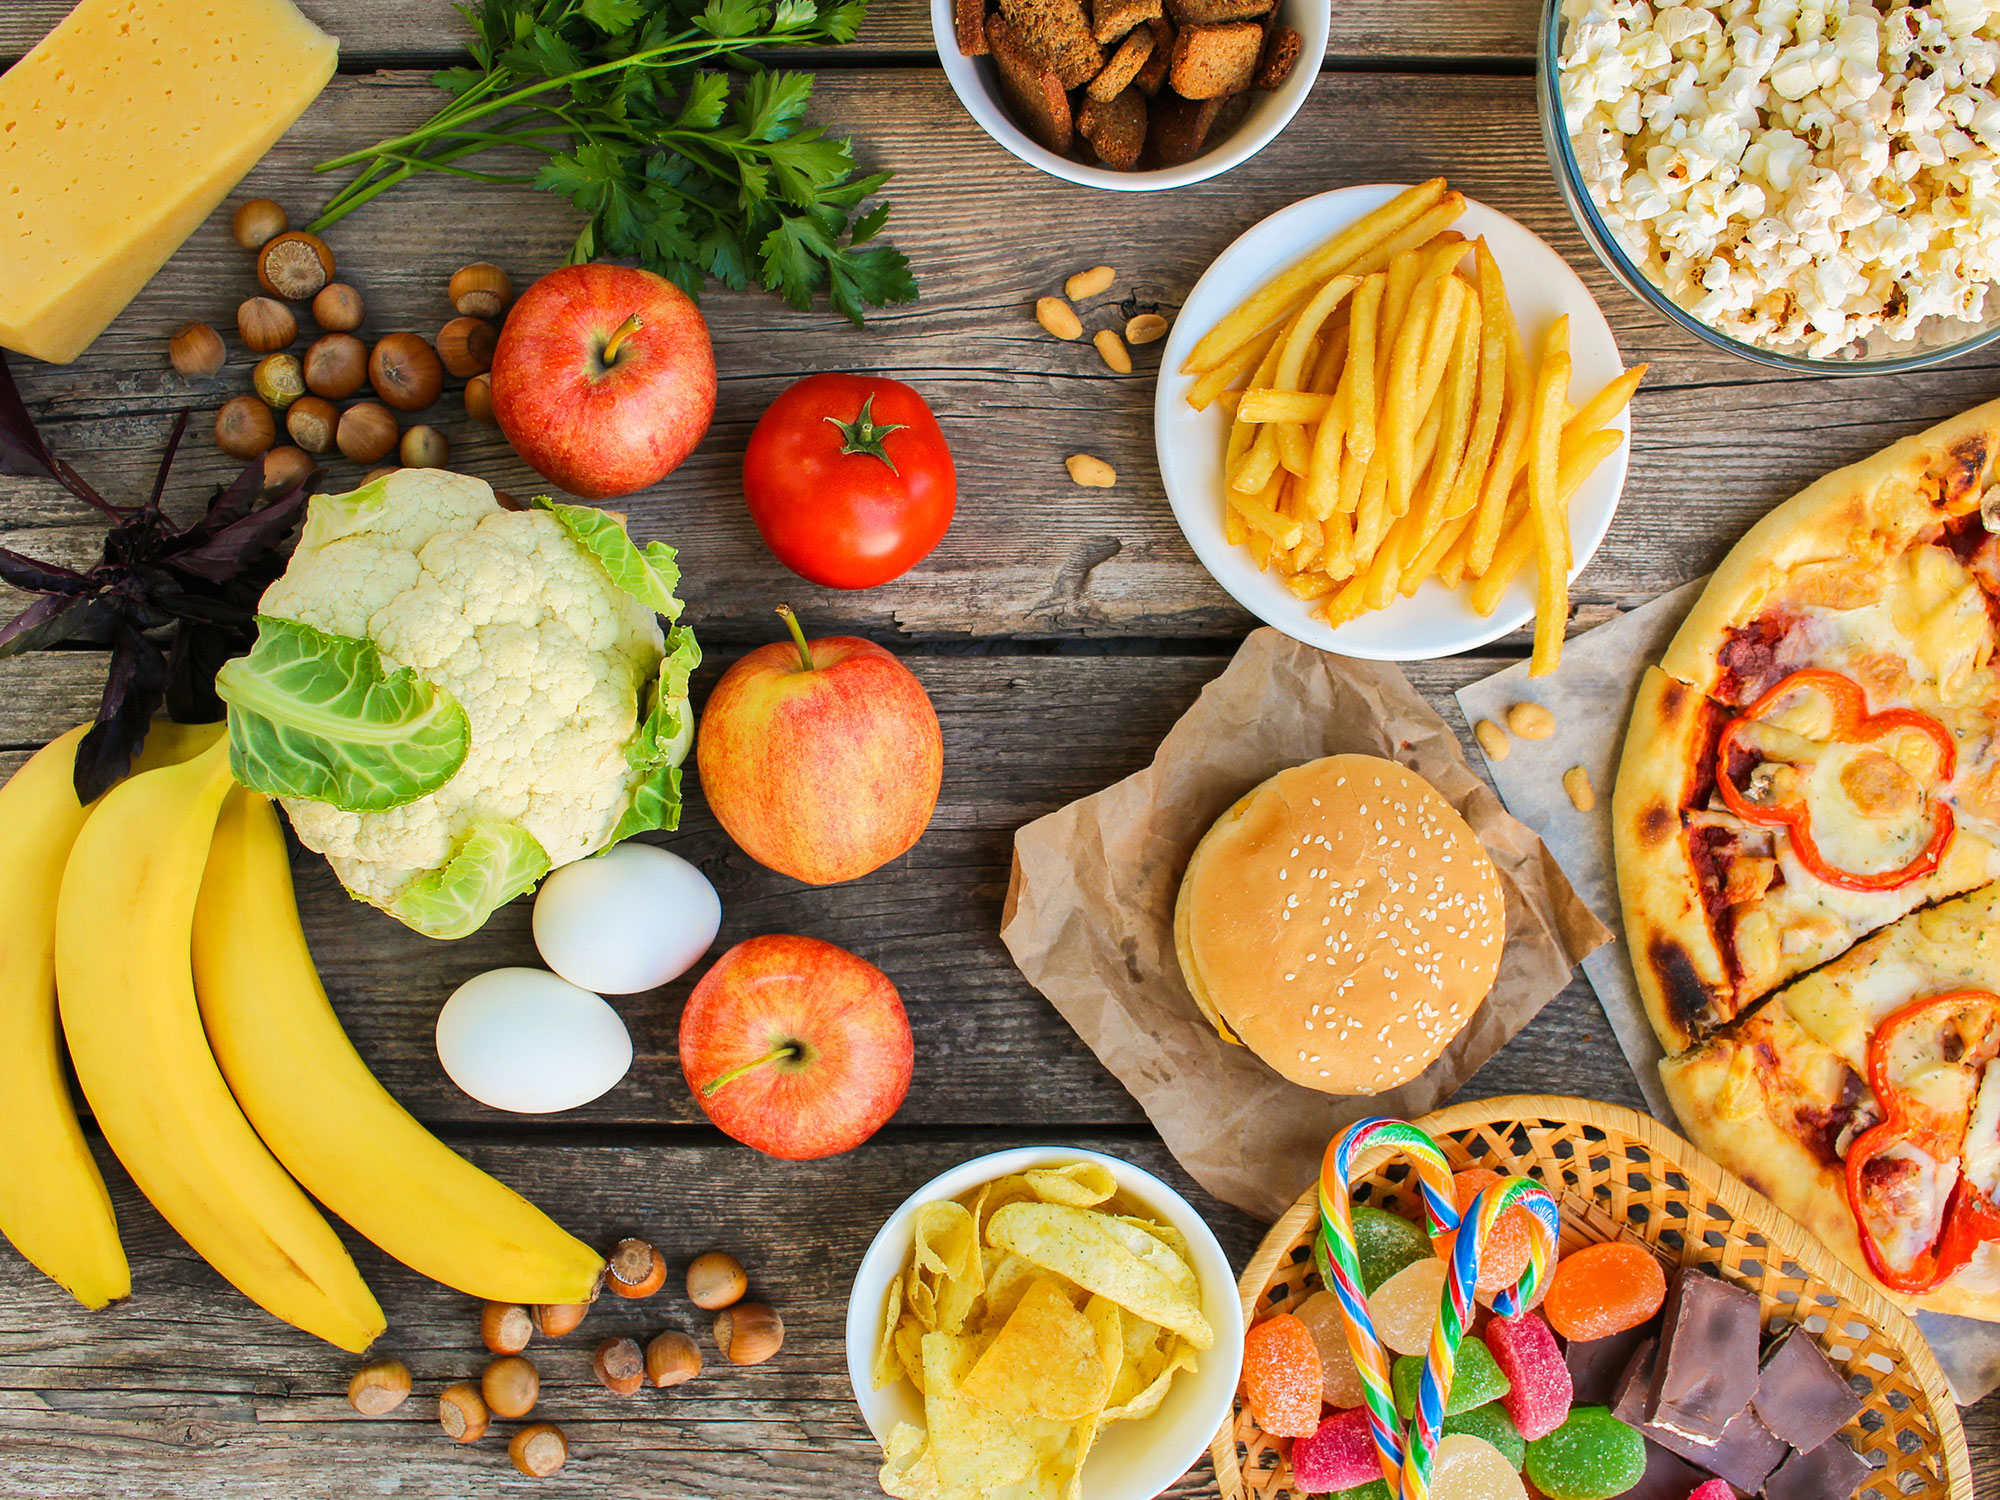 cách giảm cân tại nhà không dùng thuốc - Thay đổi thực đơn ăn uống để giảm cân